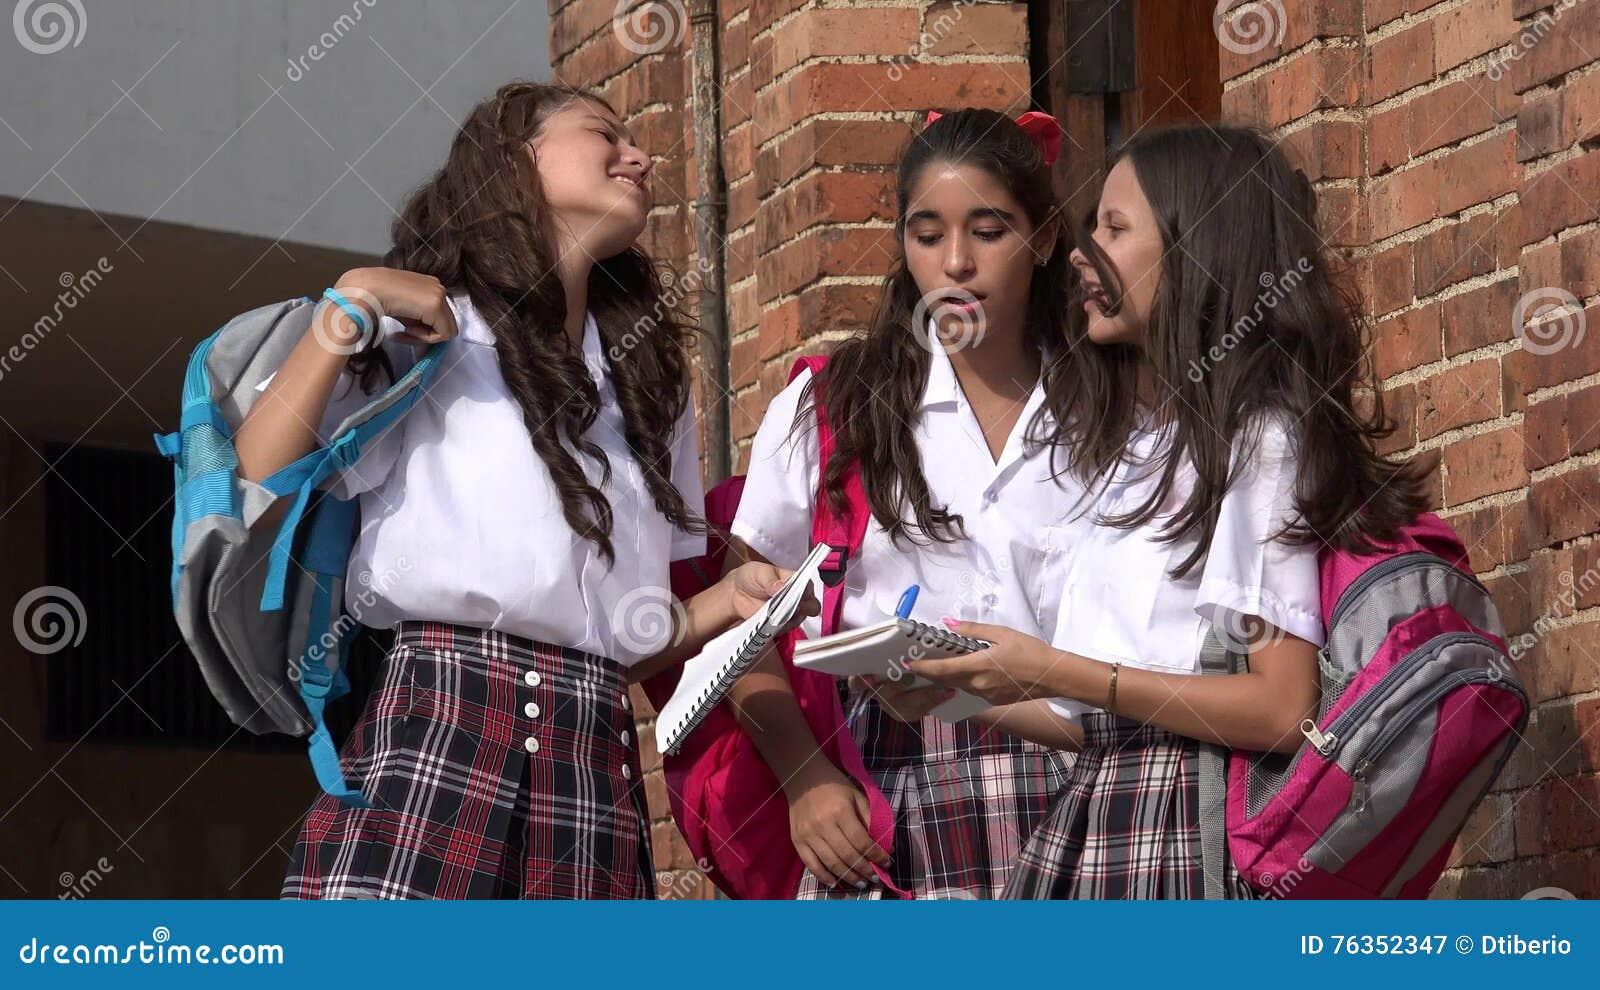 δωρεάν βίντεο των εφήβων κοριτσιών